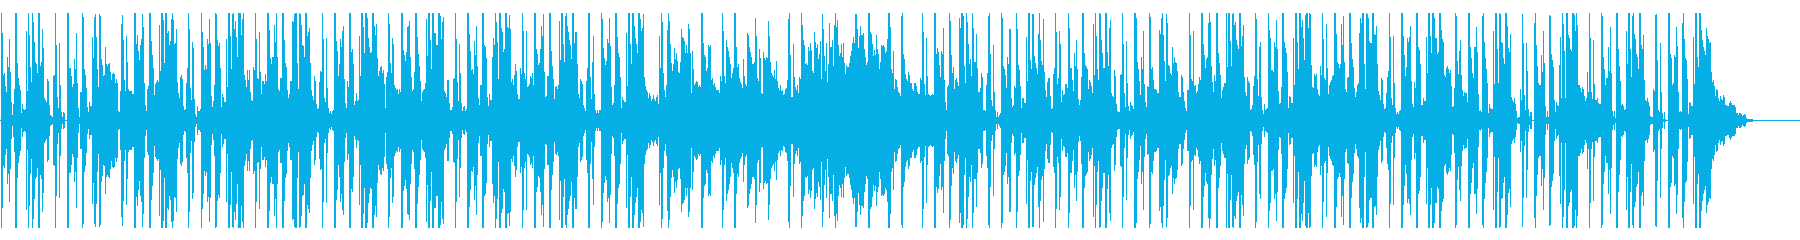 アウトドアでワイワイなイメージの再生済みの波形